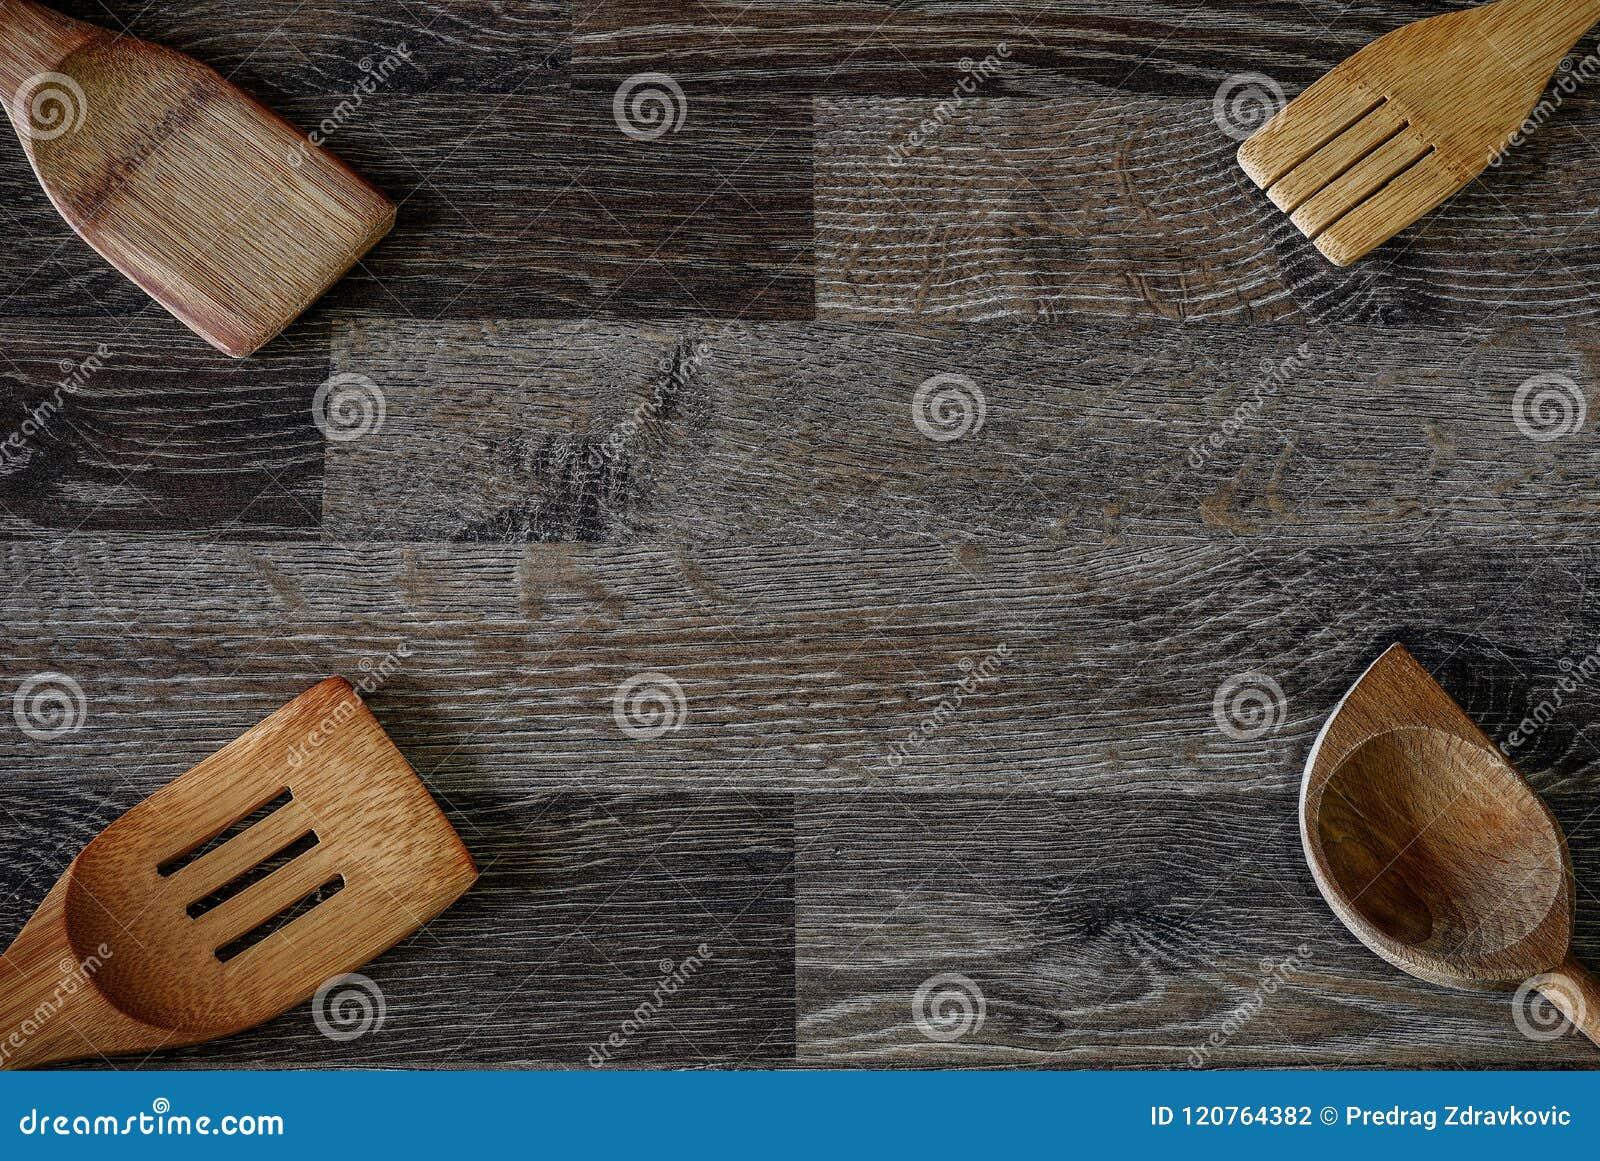 Het houten tin van de voedselopslag dat in het verleden is gebruikt en geweest